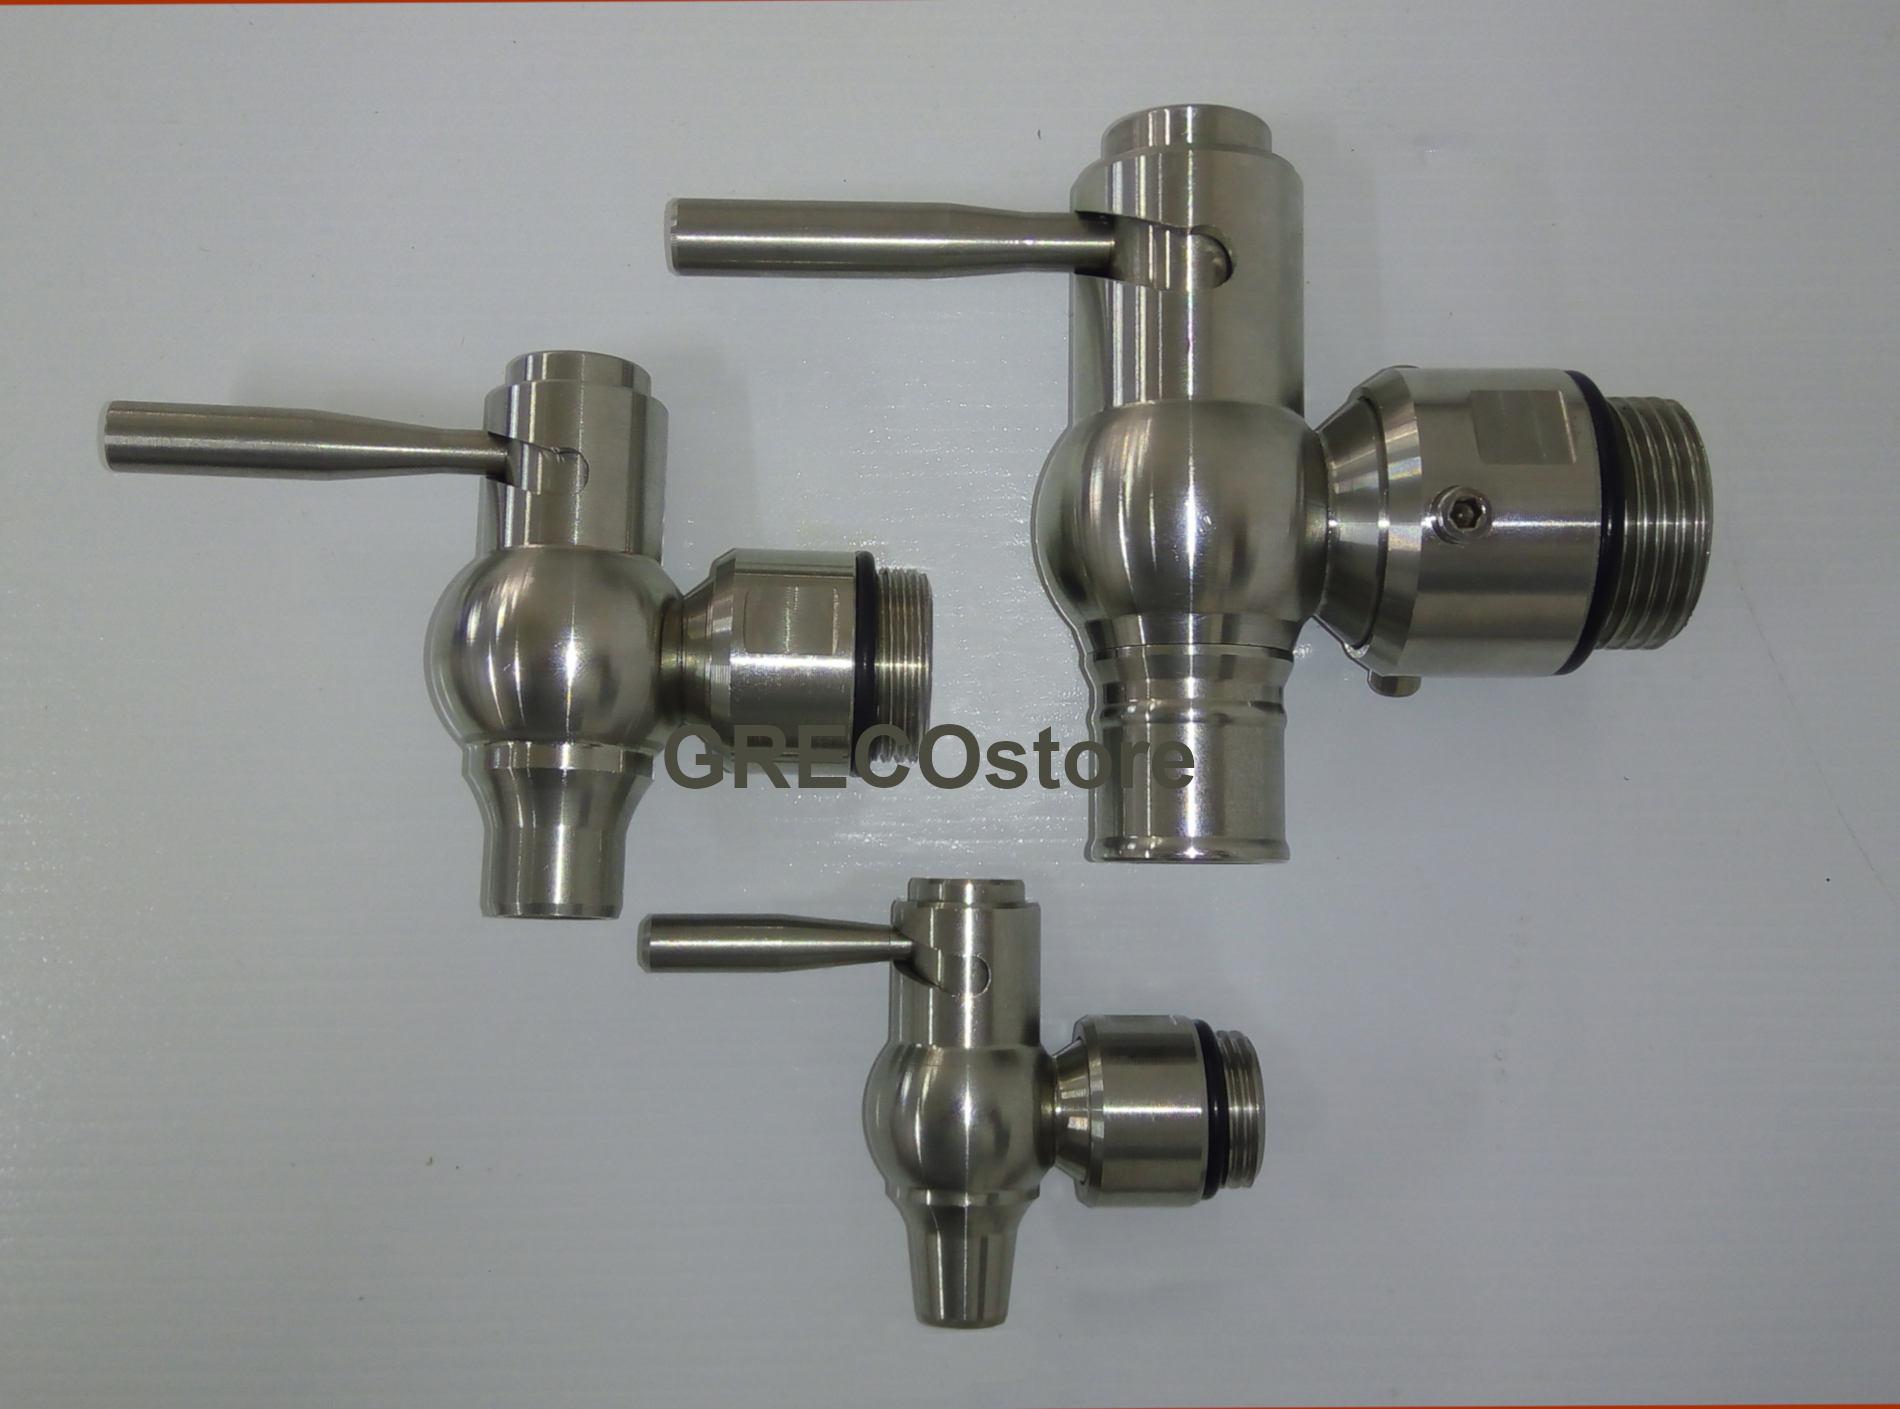 robinets en acier inoxydable pour réservoirs